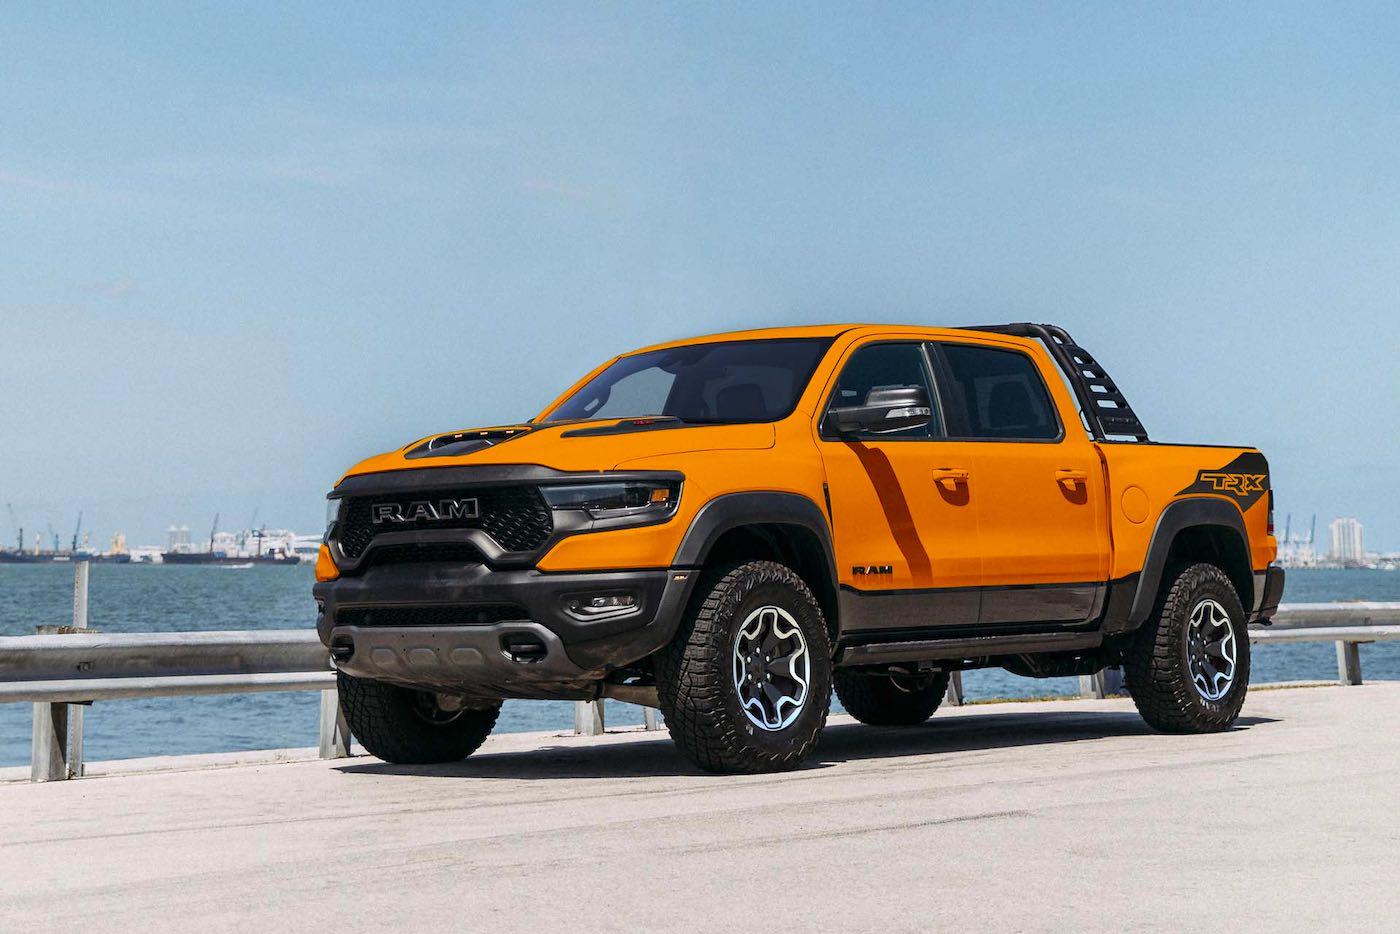 La Ram 1500 TRX Ignition Edition 2022 ahora viene en un exclusivo color naranja brillante